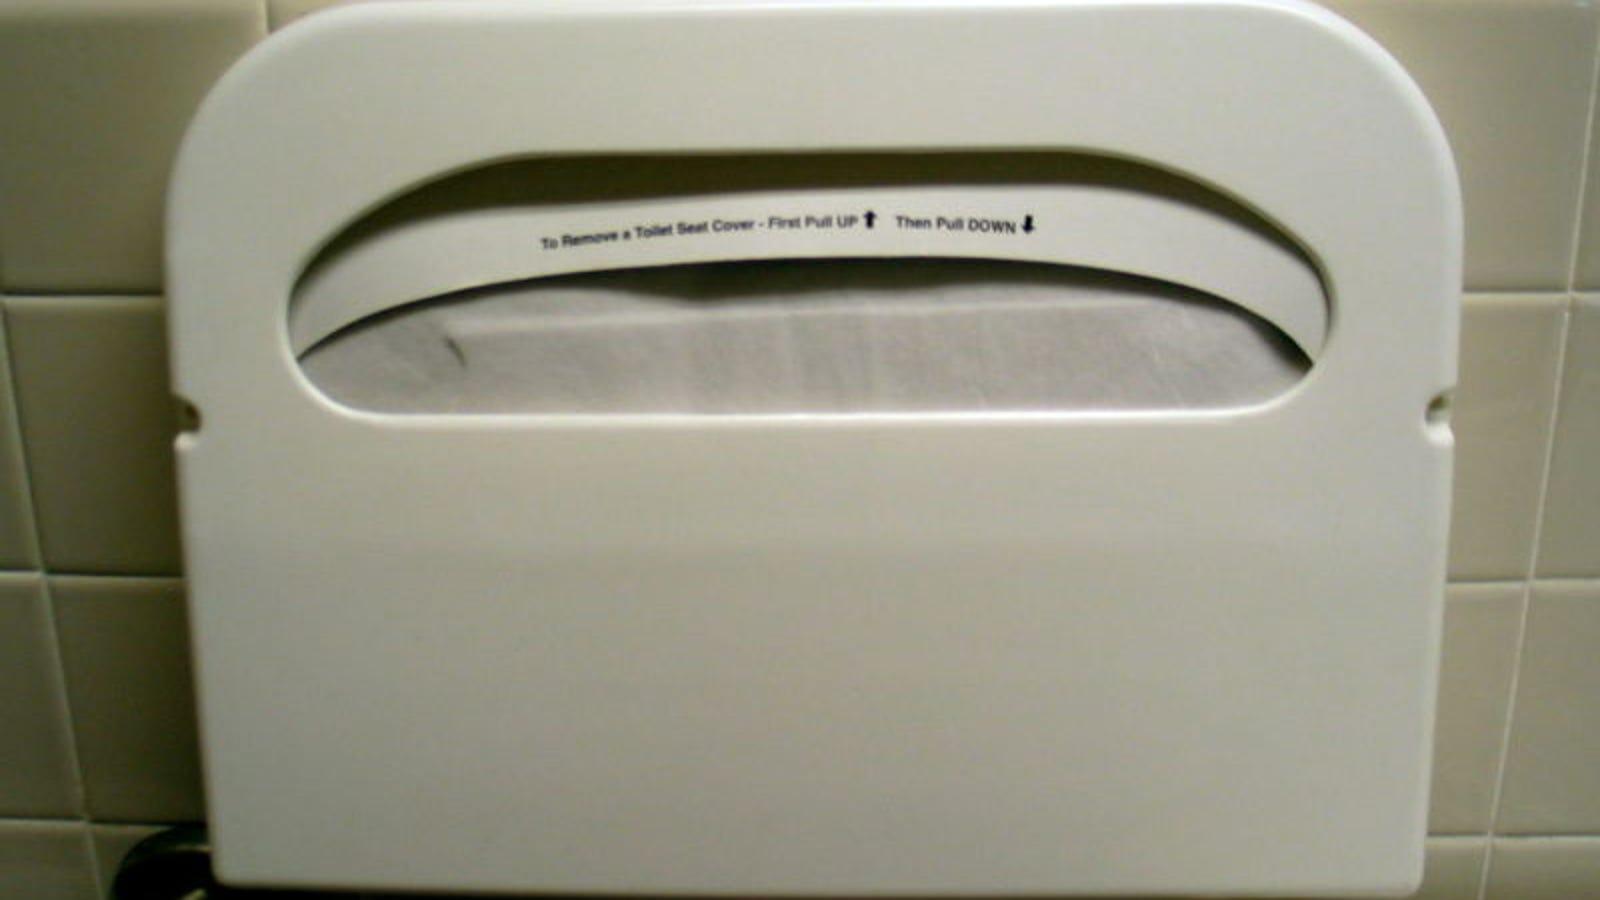 Probablemente estés usando mal el protector de papel que tienen en algunos baños públicos